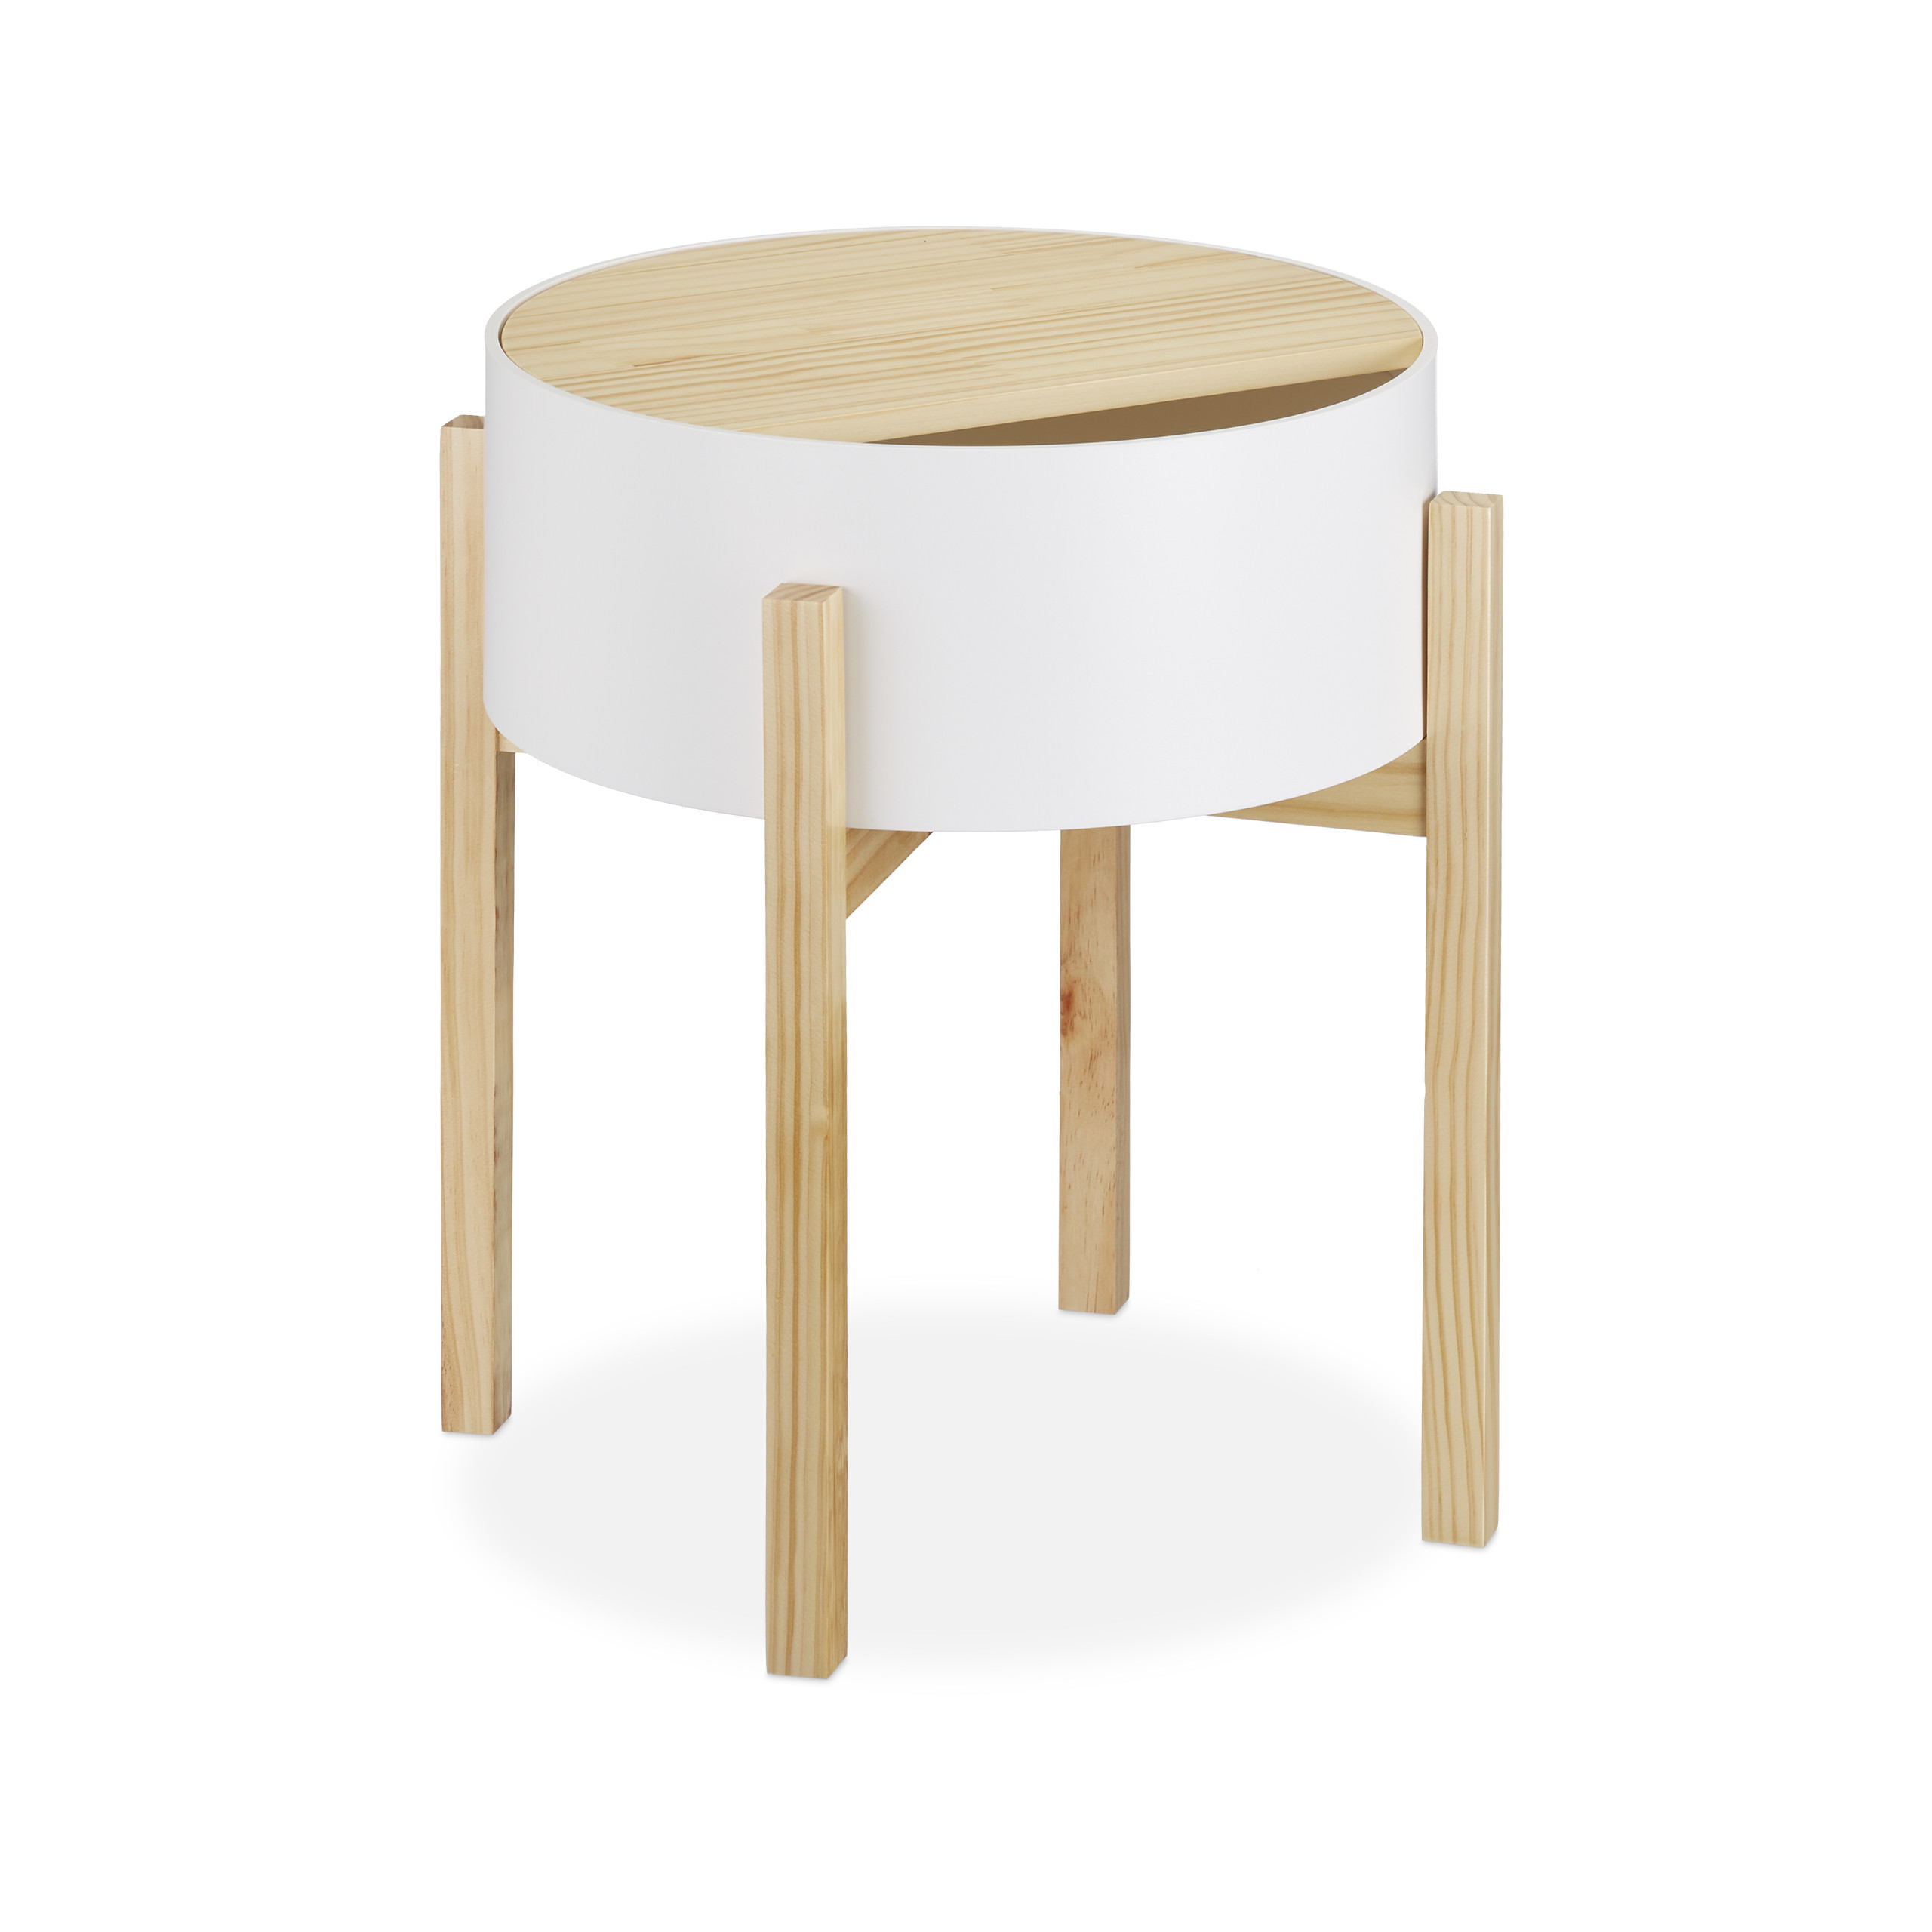 Beistelltisch Nachttisch Tischchen Dekotisch Ablagetisch Beitisch rund Schublade